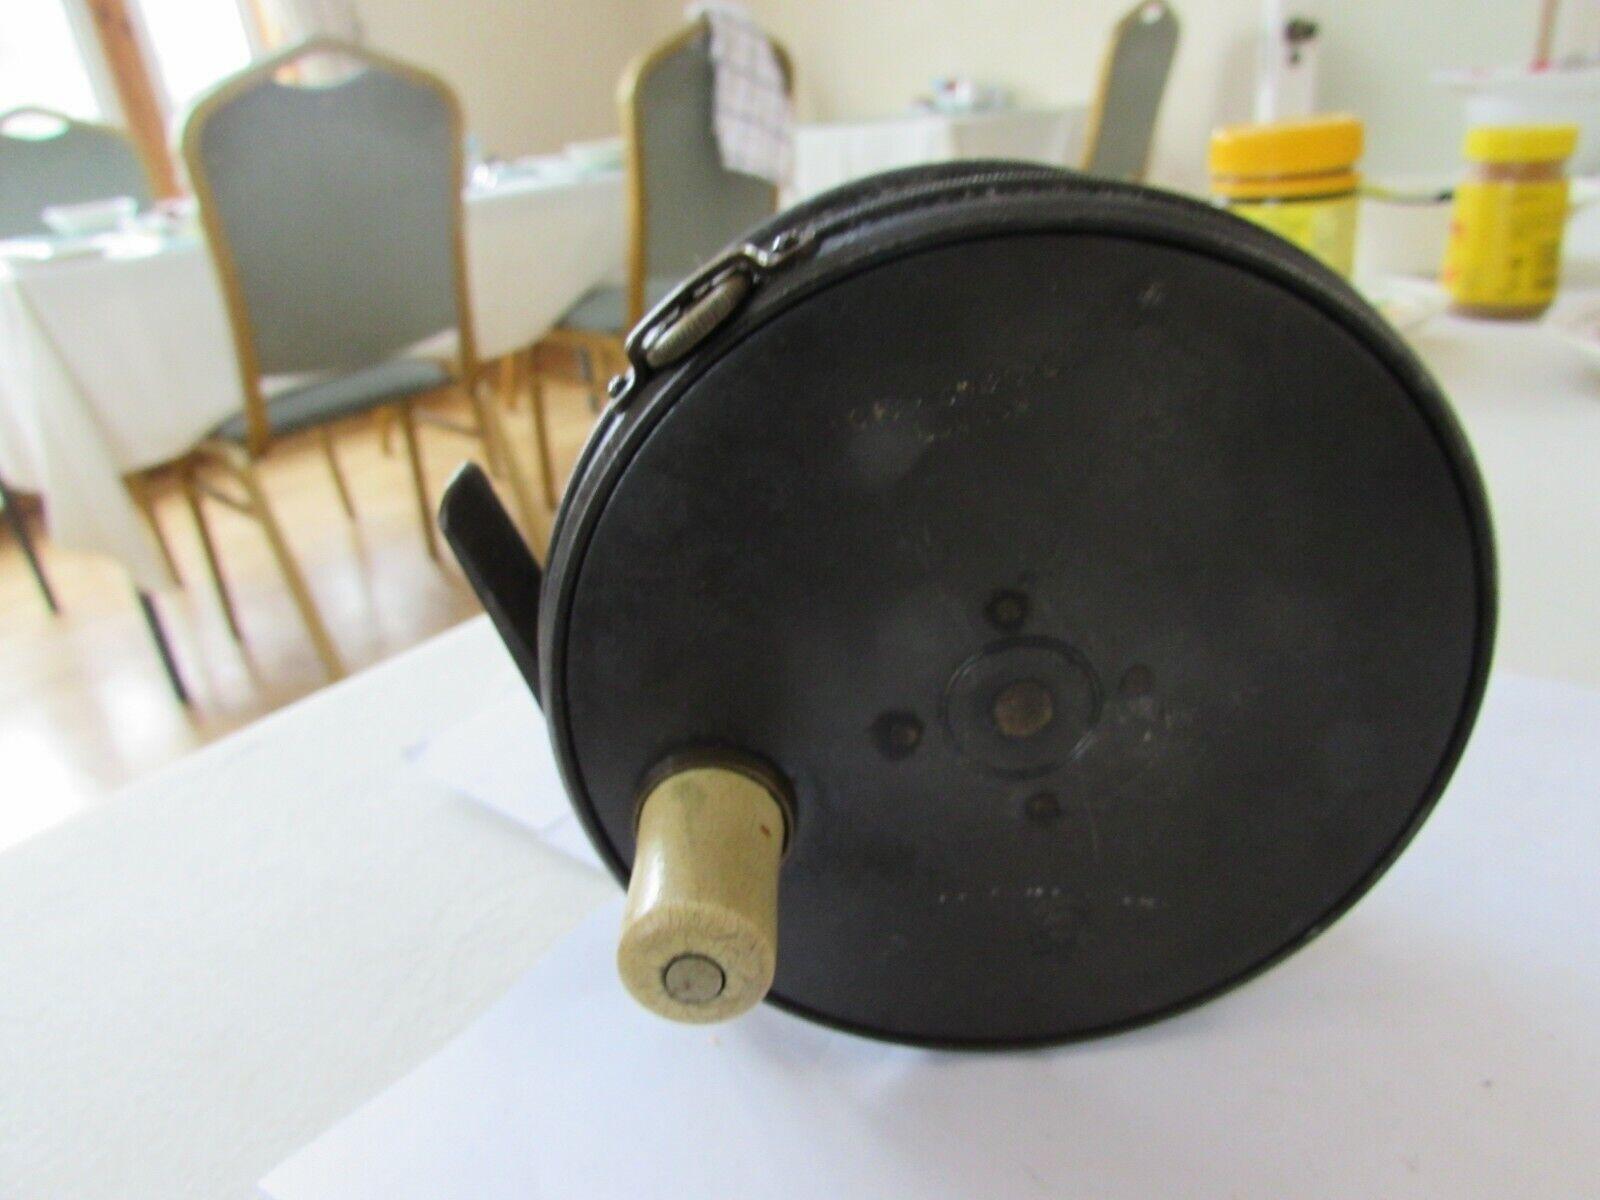 Verificación de pistón A1 XXX Rara Vintage farlows Perfecto Salmón Pesca Con Mosca Cocherete 4.5